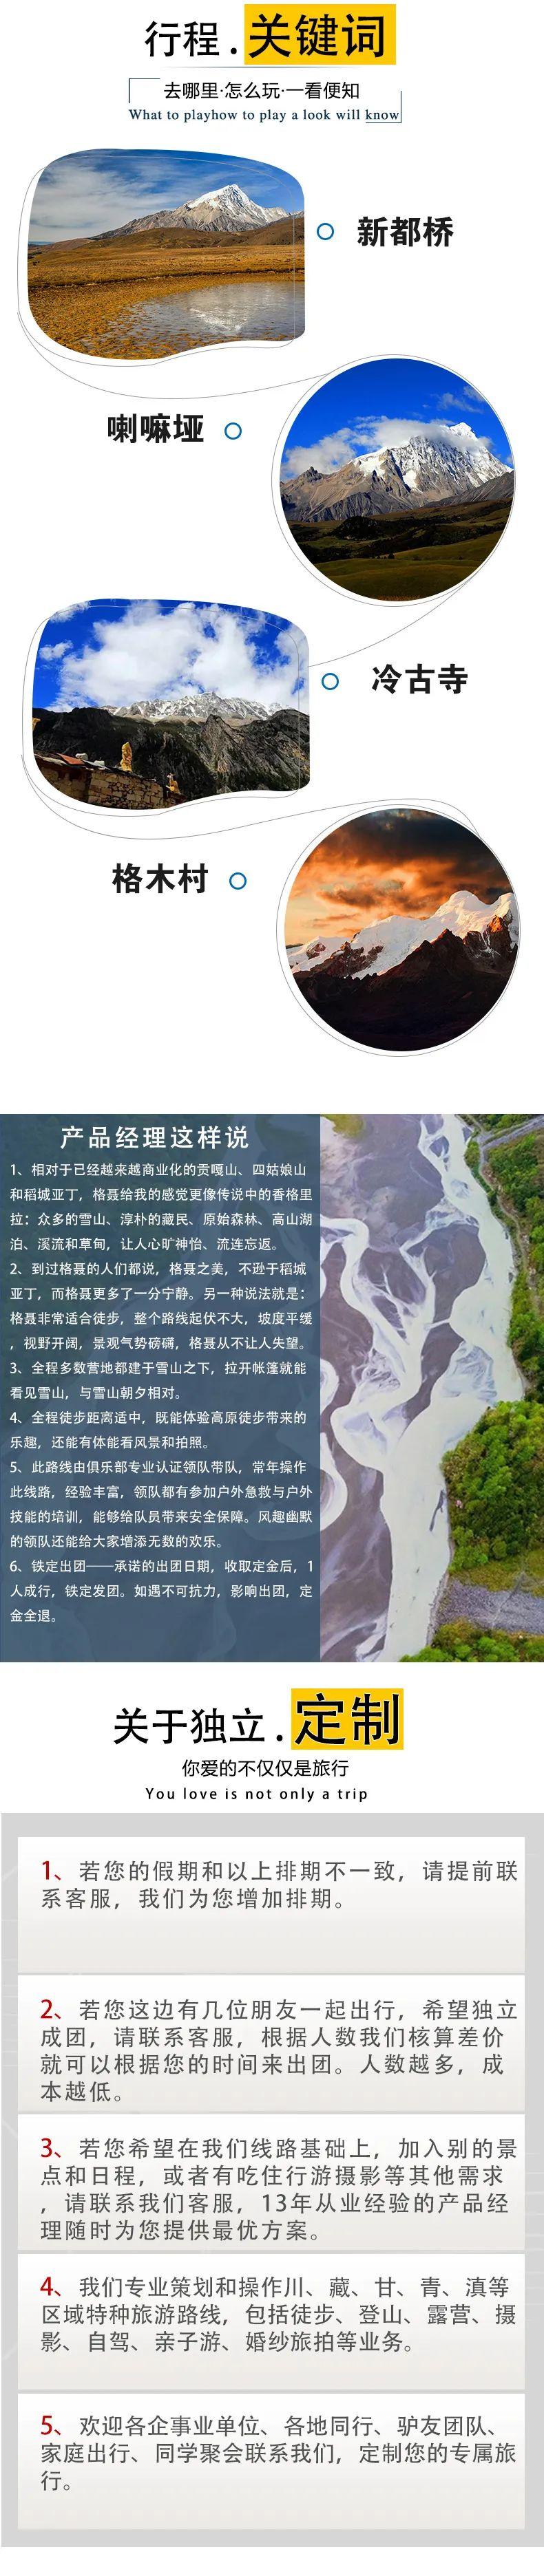 (6)2020【格聂转山】沉睡的雪莲+格聂大环线徒步穿越11日游-户外活动图-驼铃网